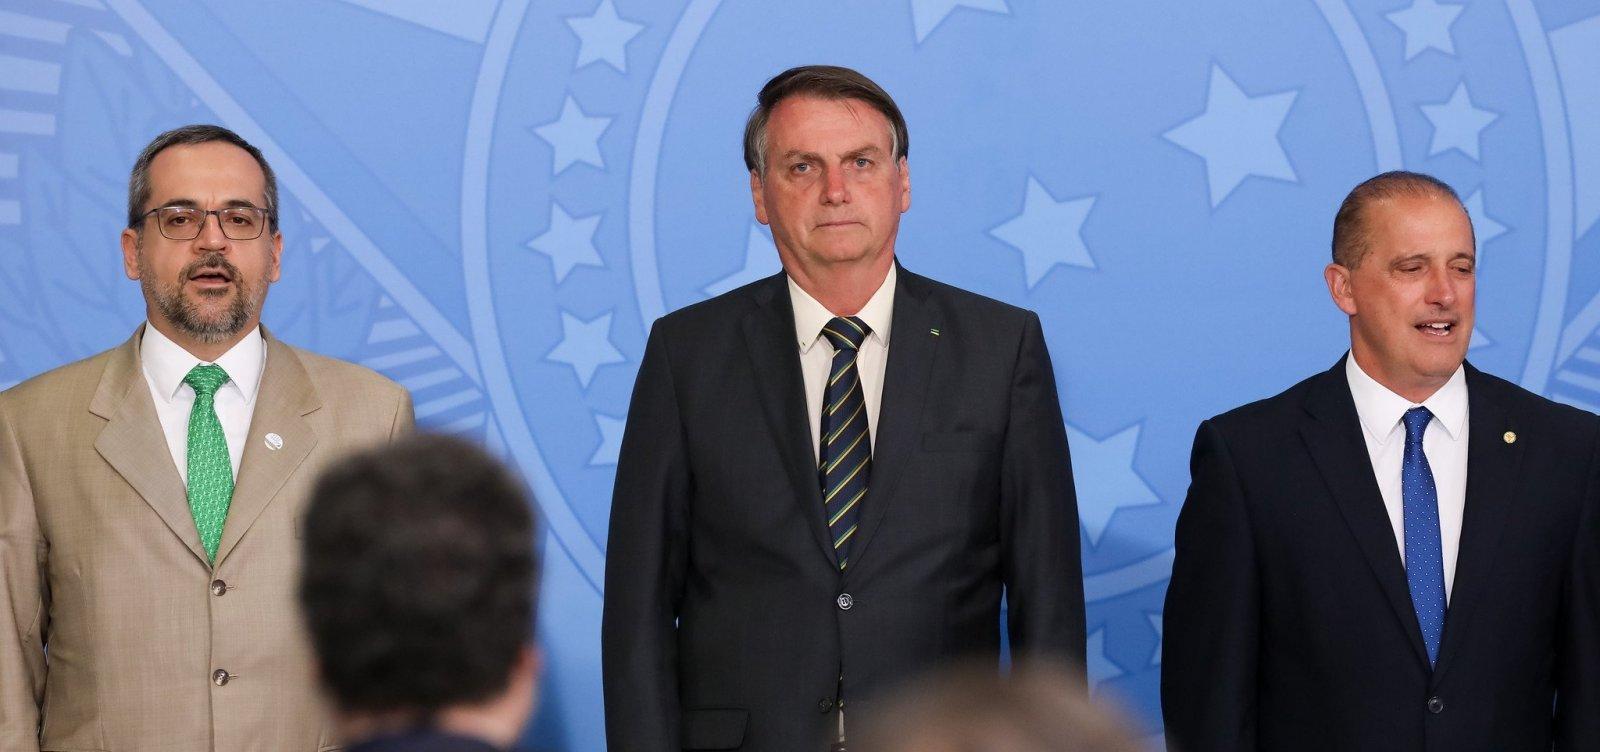 Bolsonaro nega troca de ministros e elogia educação e economia